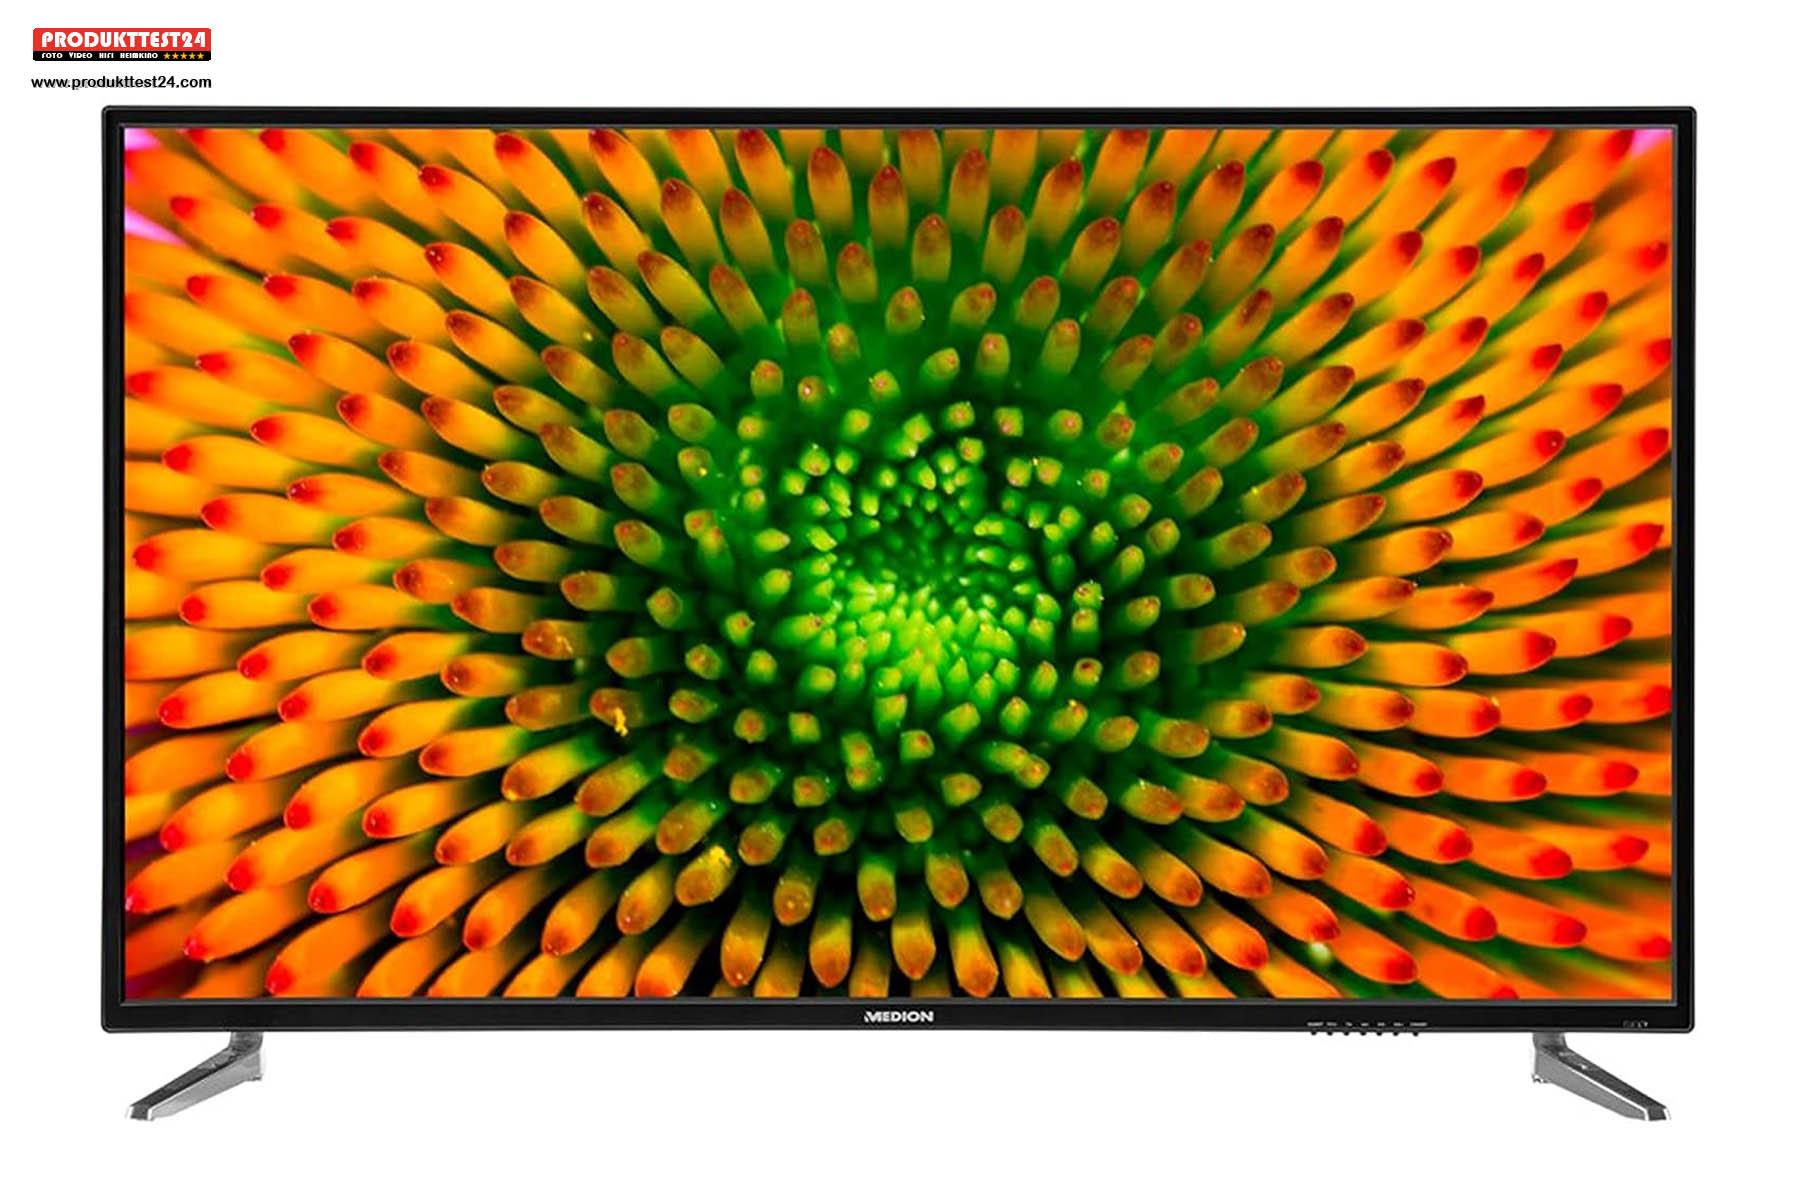 MEDION P15511 - Der günstigste 4K UHD-Fernseher